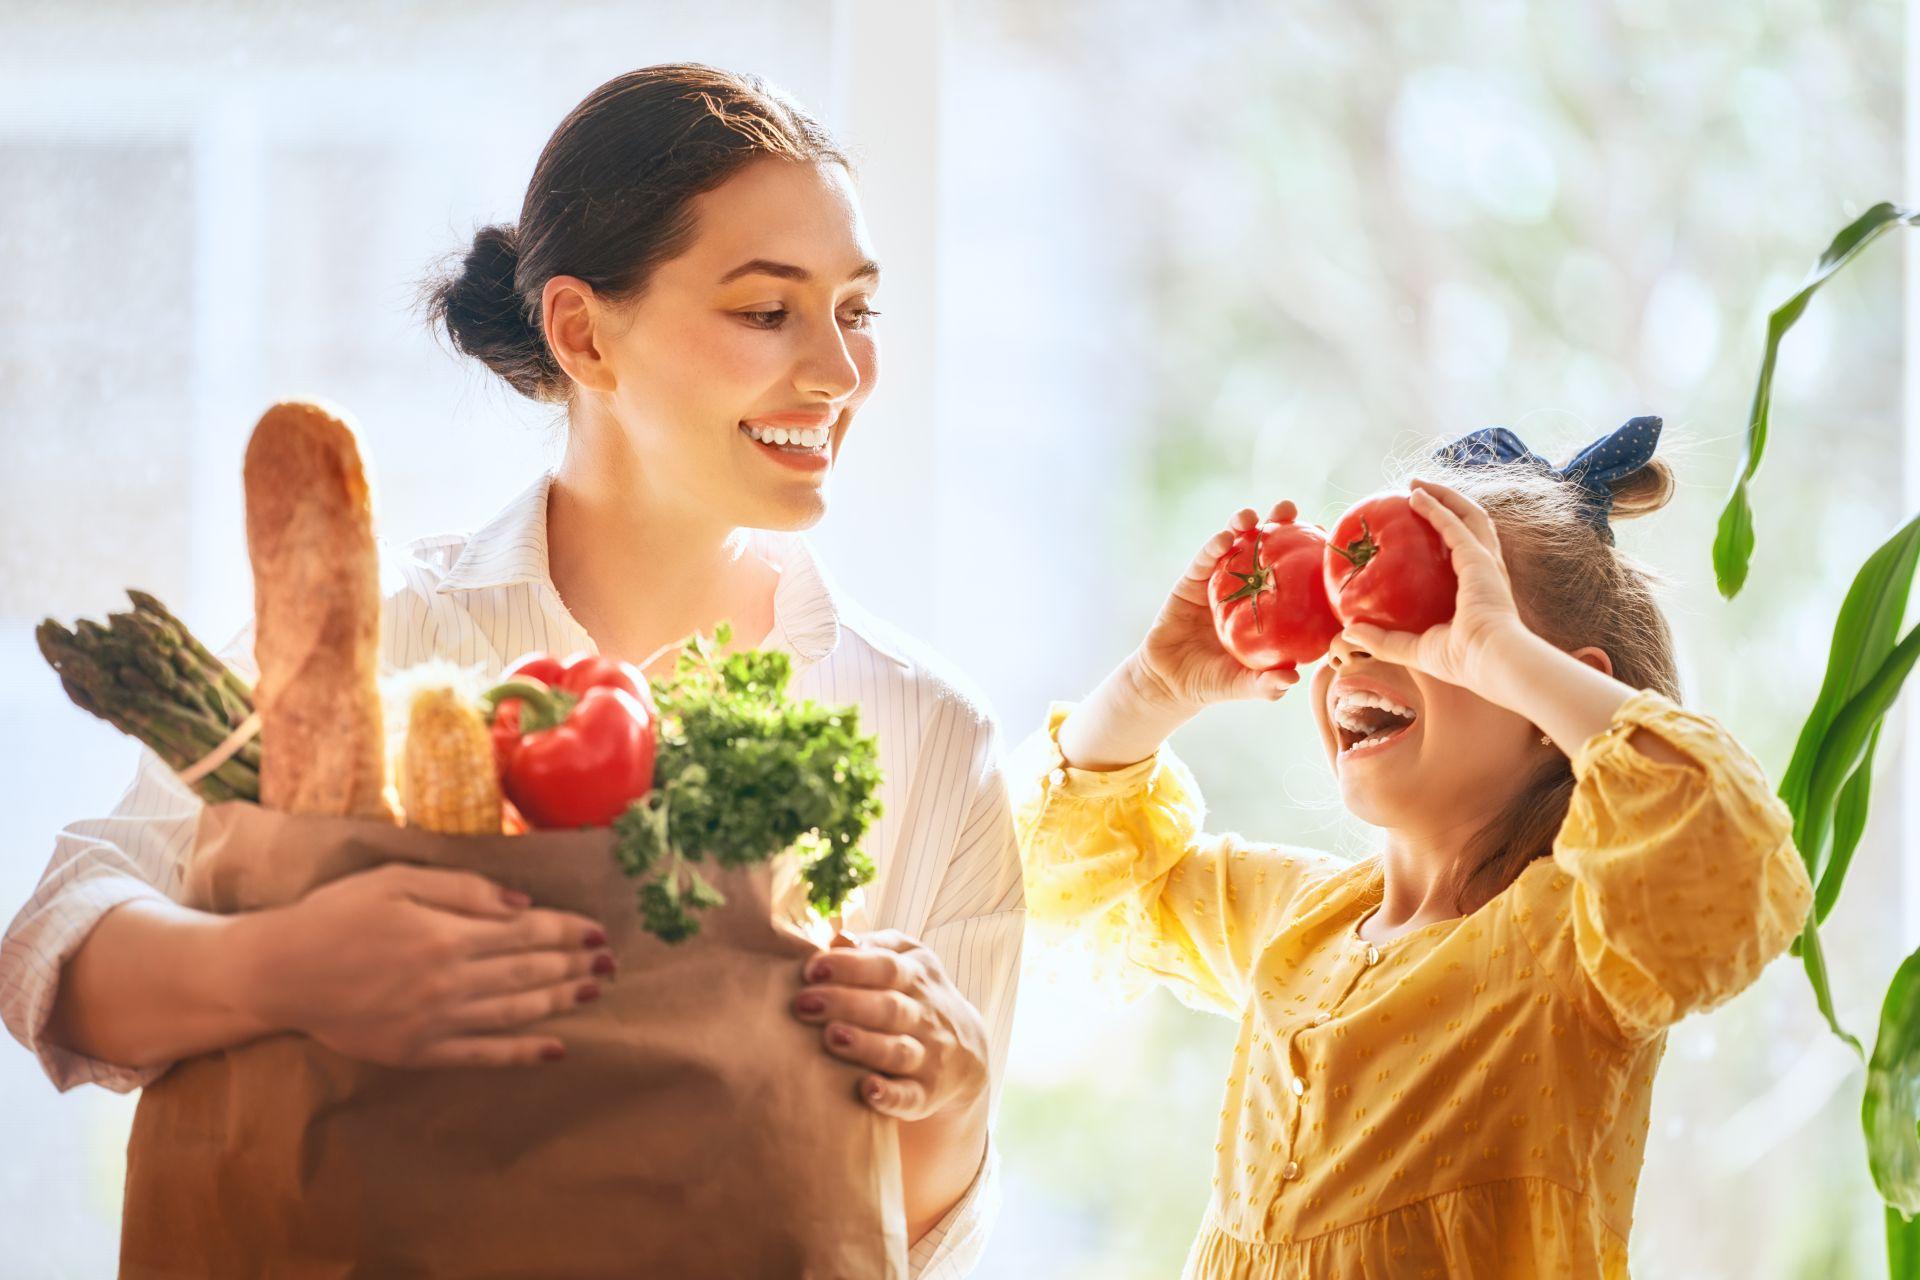 Jakie produkty obniżają cholesterol? Sprawdź, co skutecznie obniża cholesterol i jaką moc mają sterole roślinne, potas, błonnik i polifenole zawarte w warzywach i owocach.